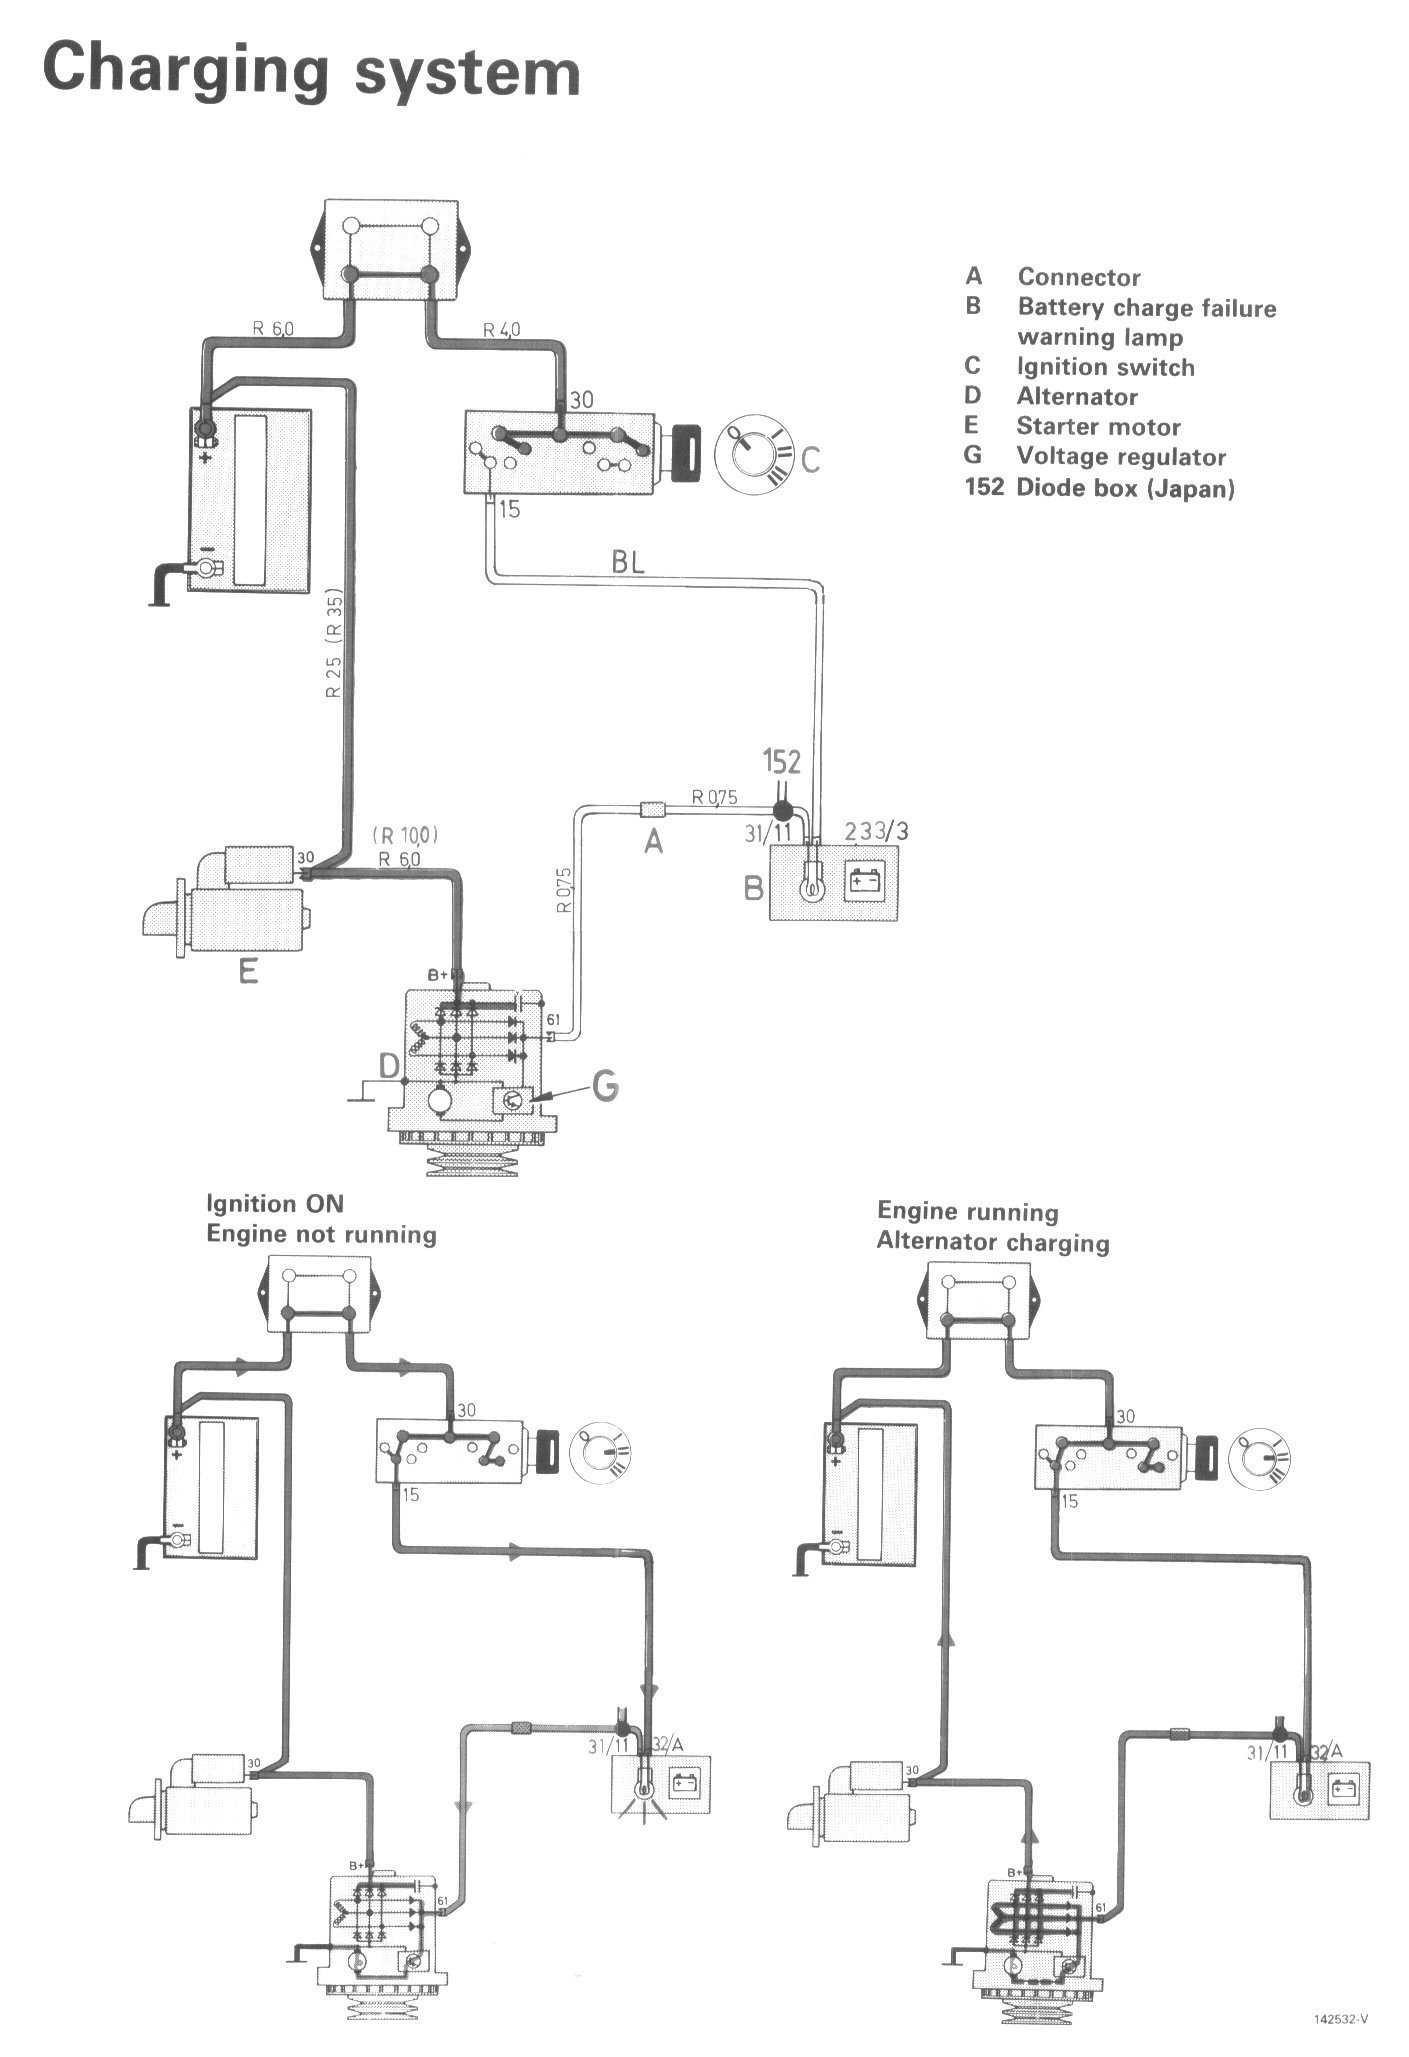 KE_1725] 1993 Volvo Penta Wiring SchematicsTerst Targ Gram Cosm Exmet Mohammedshrine Librar Wiring 101